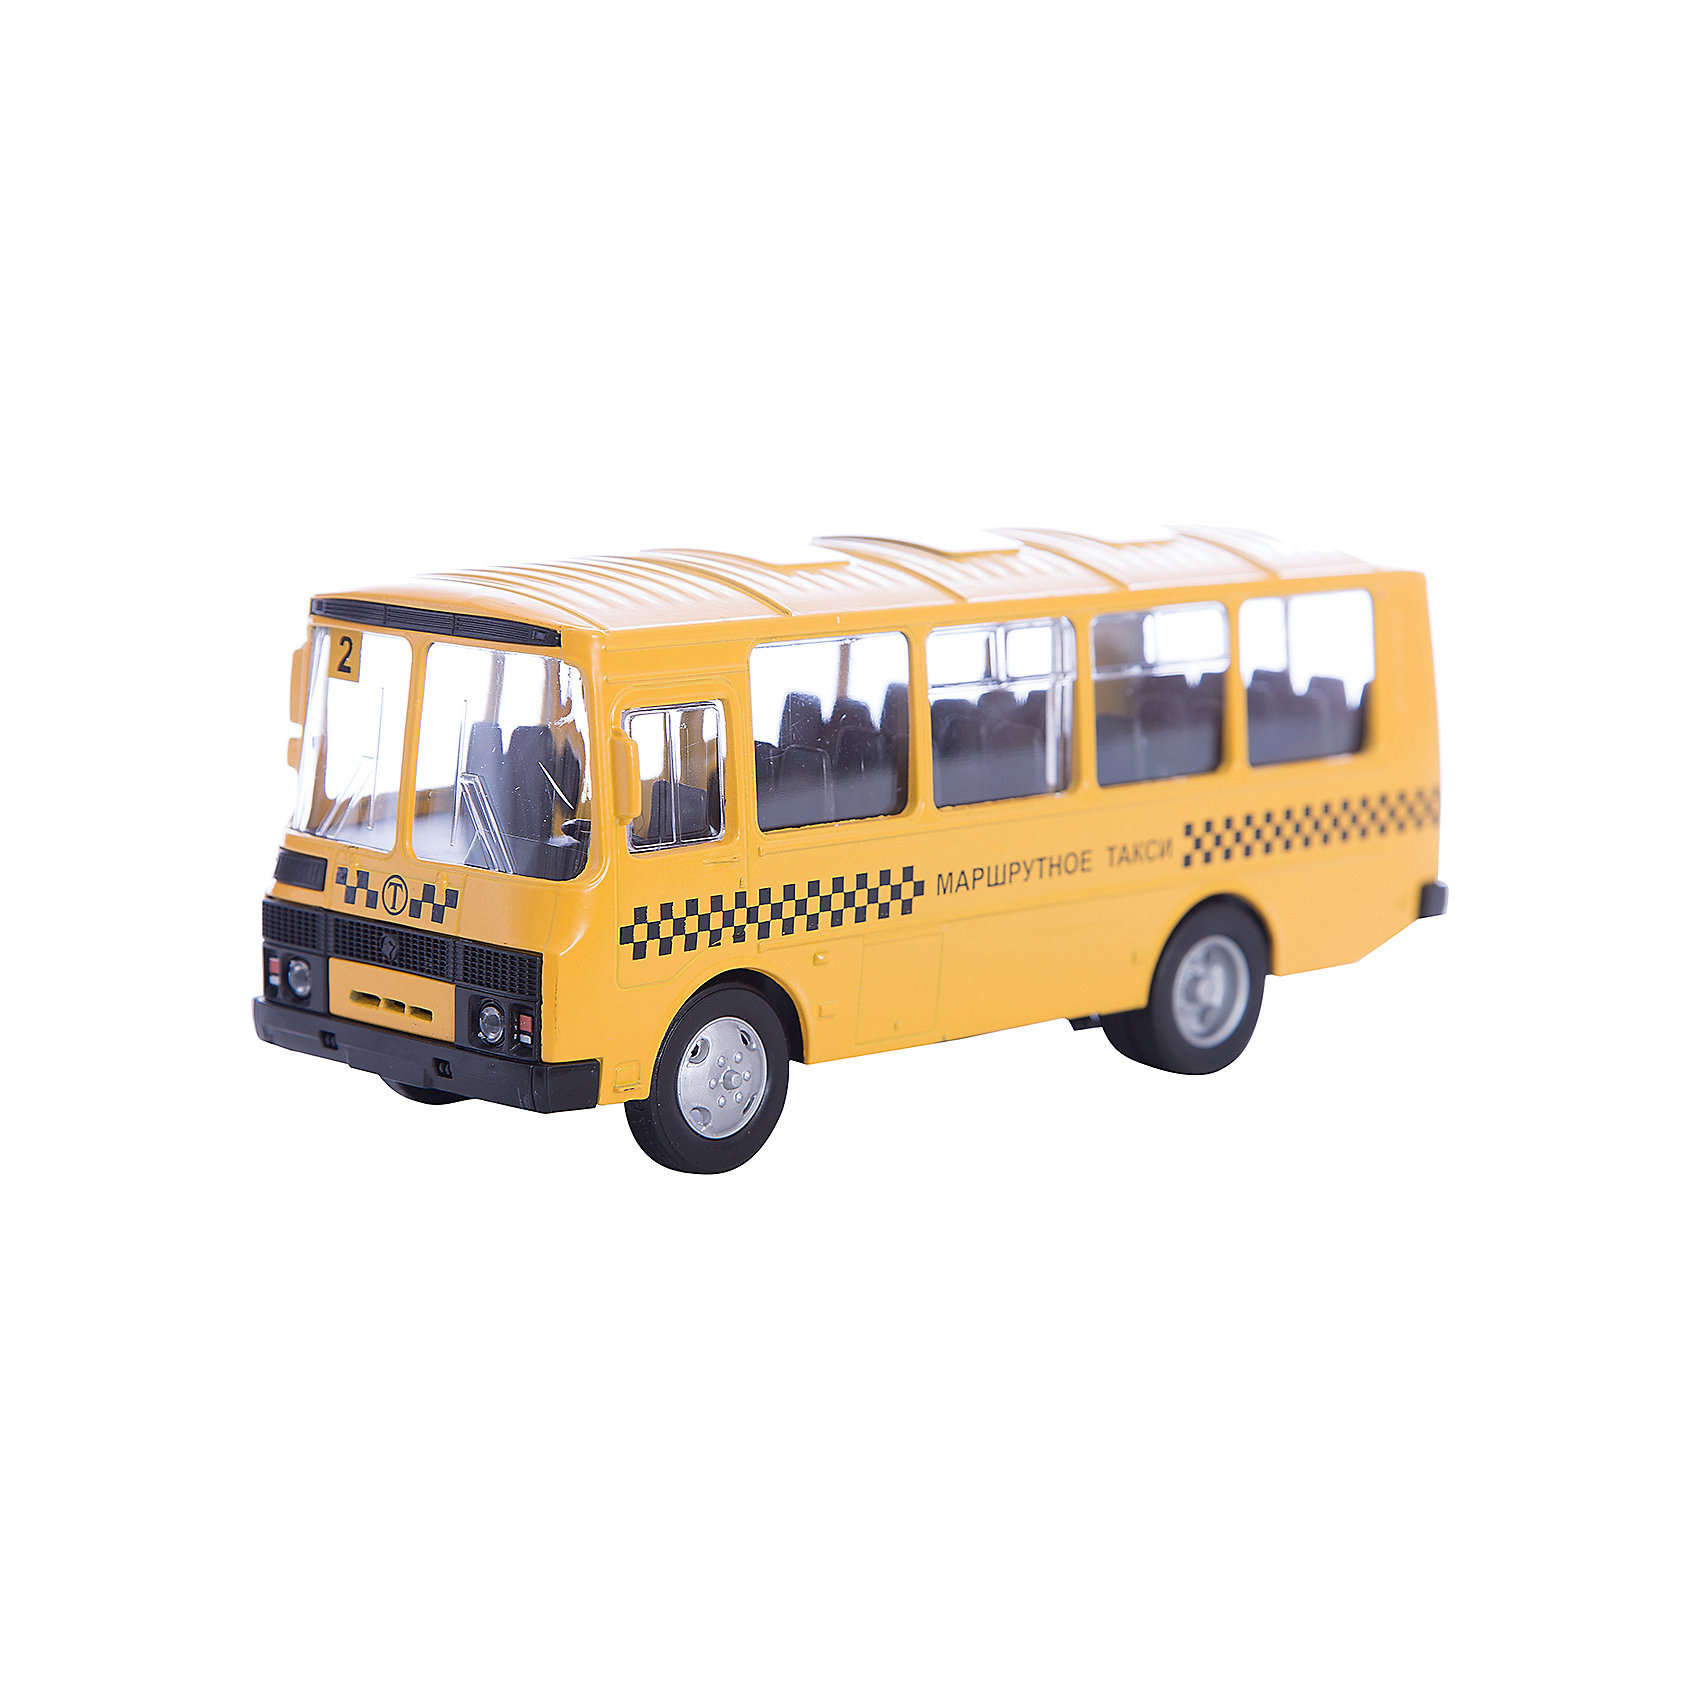 Машинка ПАЗ-32053 маршрутное такси 1:43, AutotimeМашинки<br>Характеристики товара:<br><br>• цвет: желтый<br>• материал: металл, пластик<br>• размер упаковки: 22х7х17 см<br>• вес: 100 г<br>• масштаб: 1:43<br>• хорошая детализация<br>• вращаются колеса<br>• коллекционная<br>• страна бренда: Россия<br>• страна производства: Китай<br><br>Металлическая машинка ПАЗ-32053 от бренда AUTOTIME придется по душе мальчикам. Это идеальный подарок для ценителя и коллекционера автомобилей, которые выполнены с подробной детализацией. Игрушка является настоящей копией автобуса. Колеса машинки вращаются. Поэтому она может стать и частью коллекции, и выступать отдельной игрушкой.<br><br>Машинка может выполнять сразу несколько функций: развлекать ребенка, помогать вырабатывать практические качества: ловкость, координацию, мелкую моторику. Также в процессе увлекательной игры развивается фантазия ребенка. Изделие выполнено из сертифицированных материалов, безопасных для детей.<br><br>Машинку ПАЗ-32053 маршрутное такси от бренда AUTOTIME можно купить в нашем интернет-магазине.<br><br>Ширина мм: 165<br>Глубина мм: 57<br>Высота мм: 75<br>Вес г: 13<br>Возраст от месяцев: 36<br>Возраст до месяцев: 2147483647<br>Пол: Мужской<br>Возраст: Детский<br>SKU: 5583991